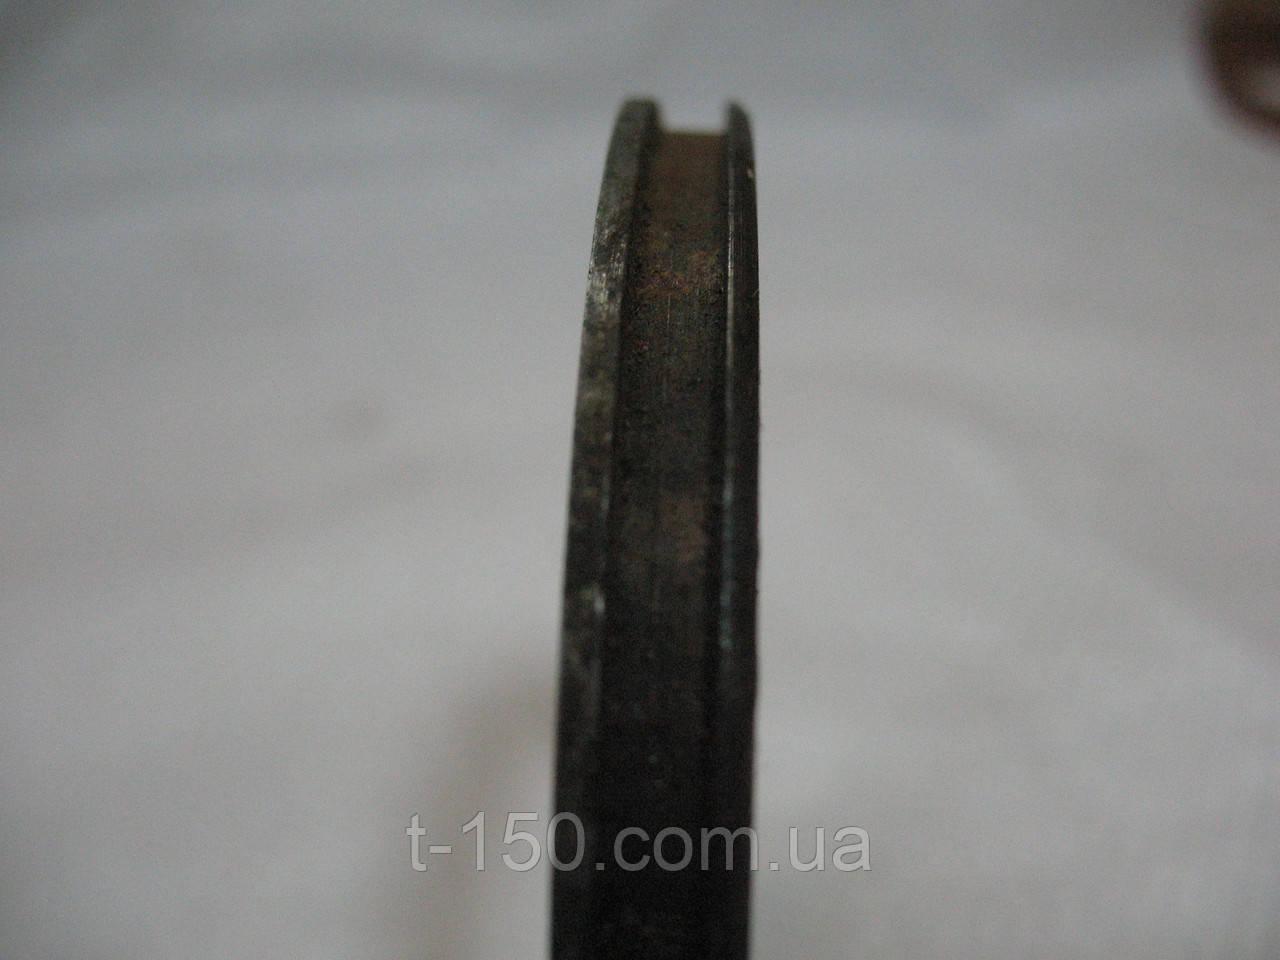 Кольцо катка с канавкой ДТ-75 (54.31.463-2)